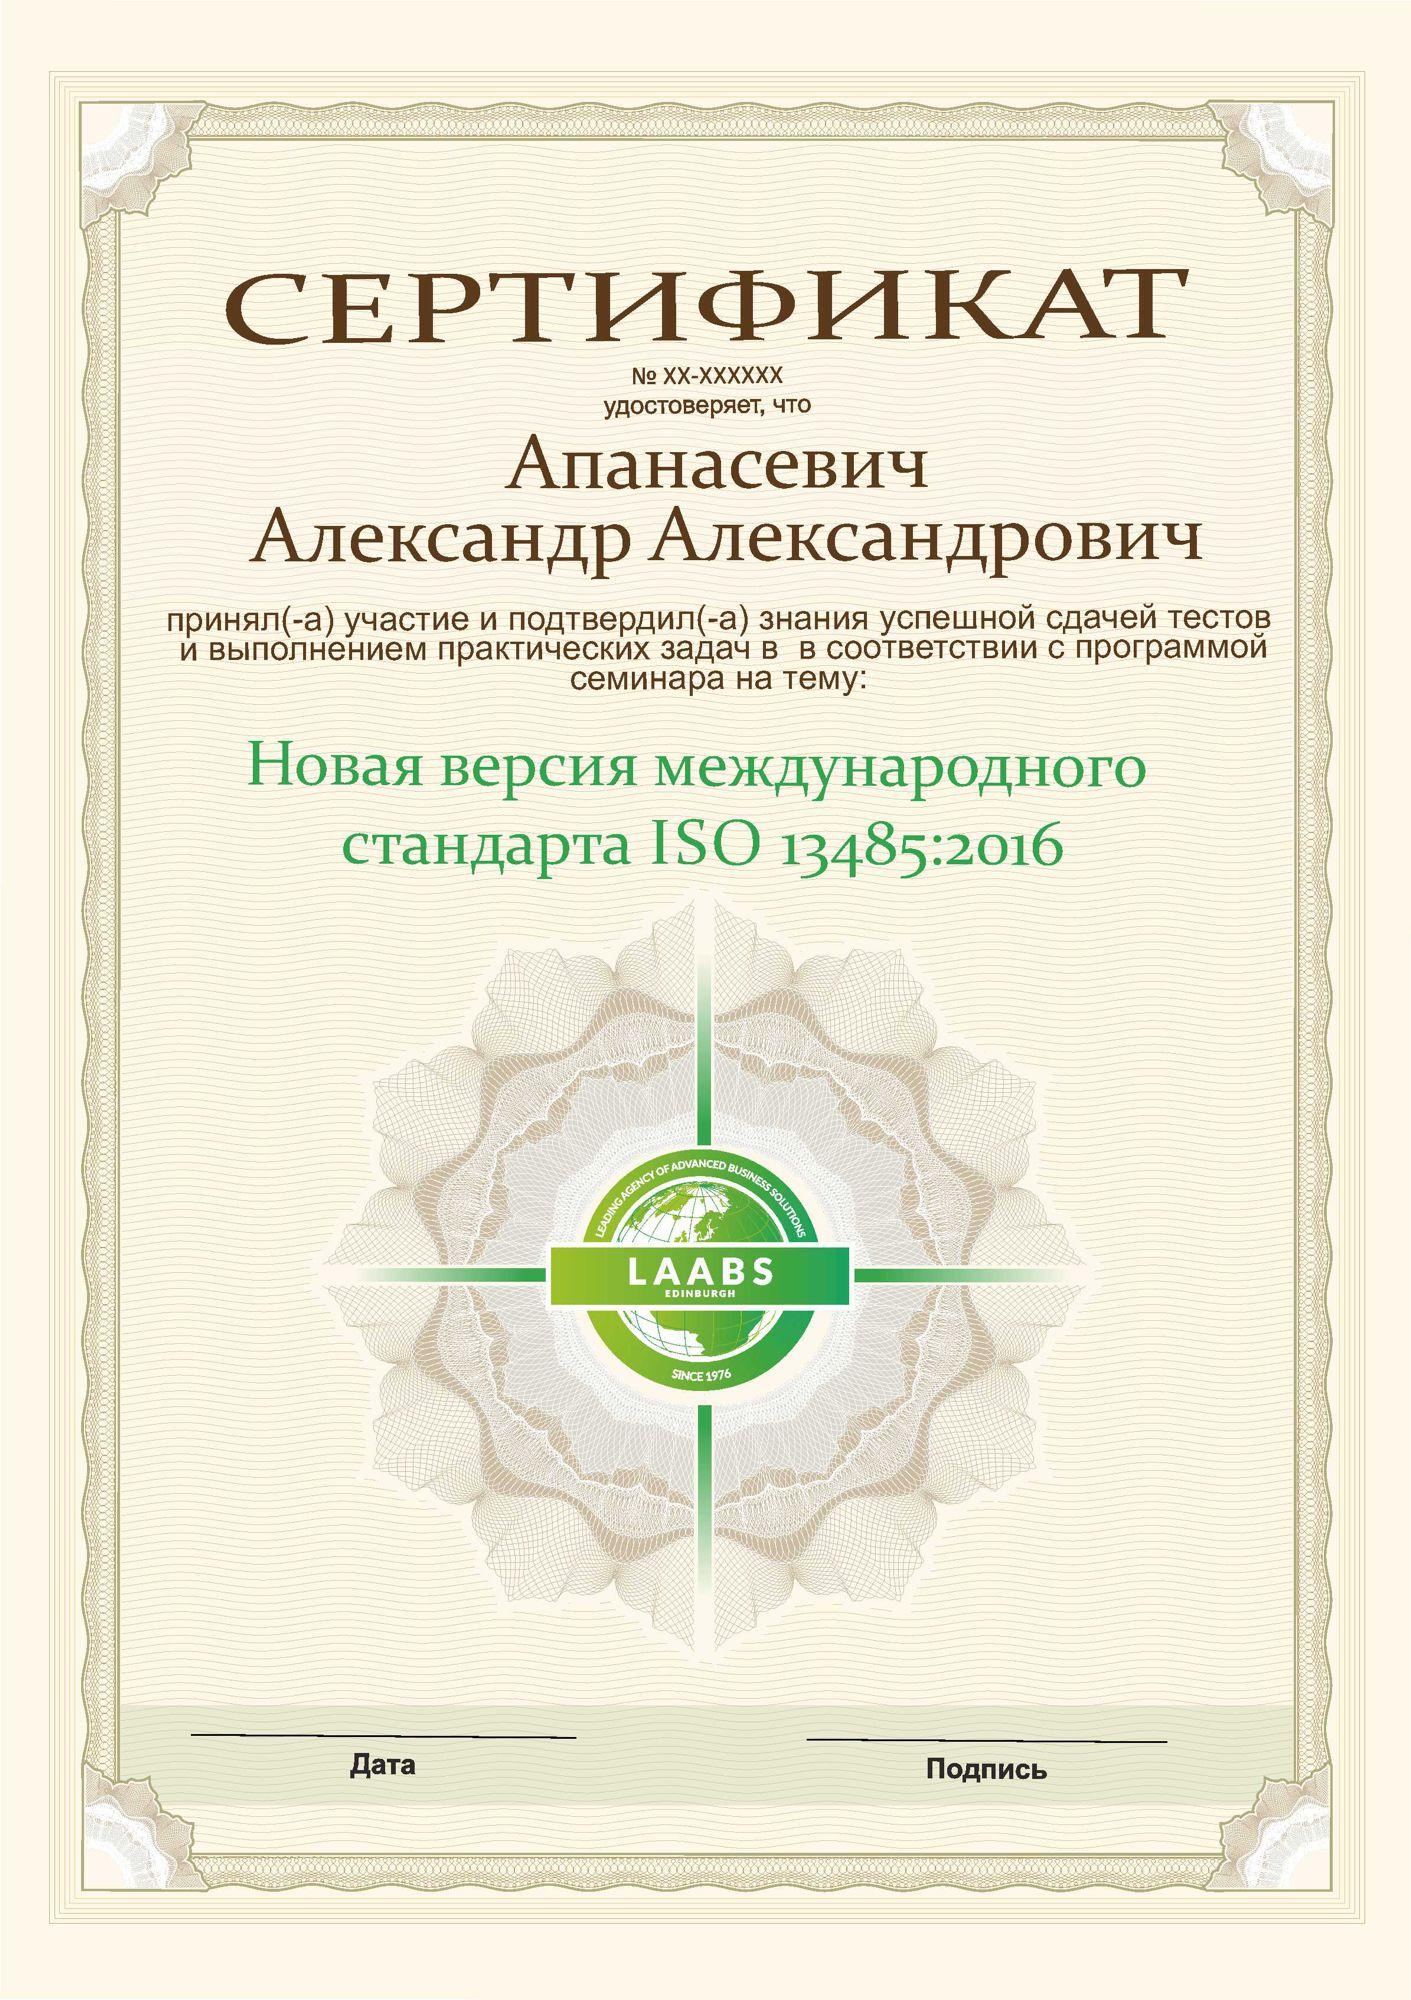 Необходимо разработать дизайн 3 сертификатов фото f_070587b22ef02be0.jpg